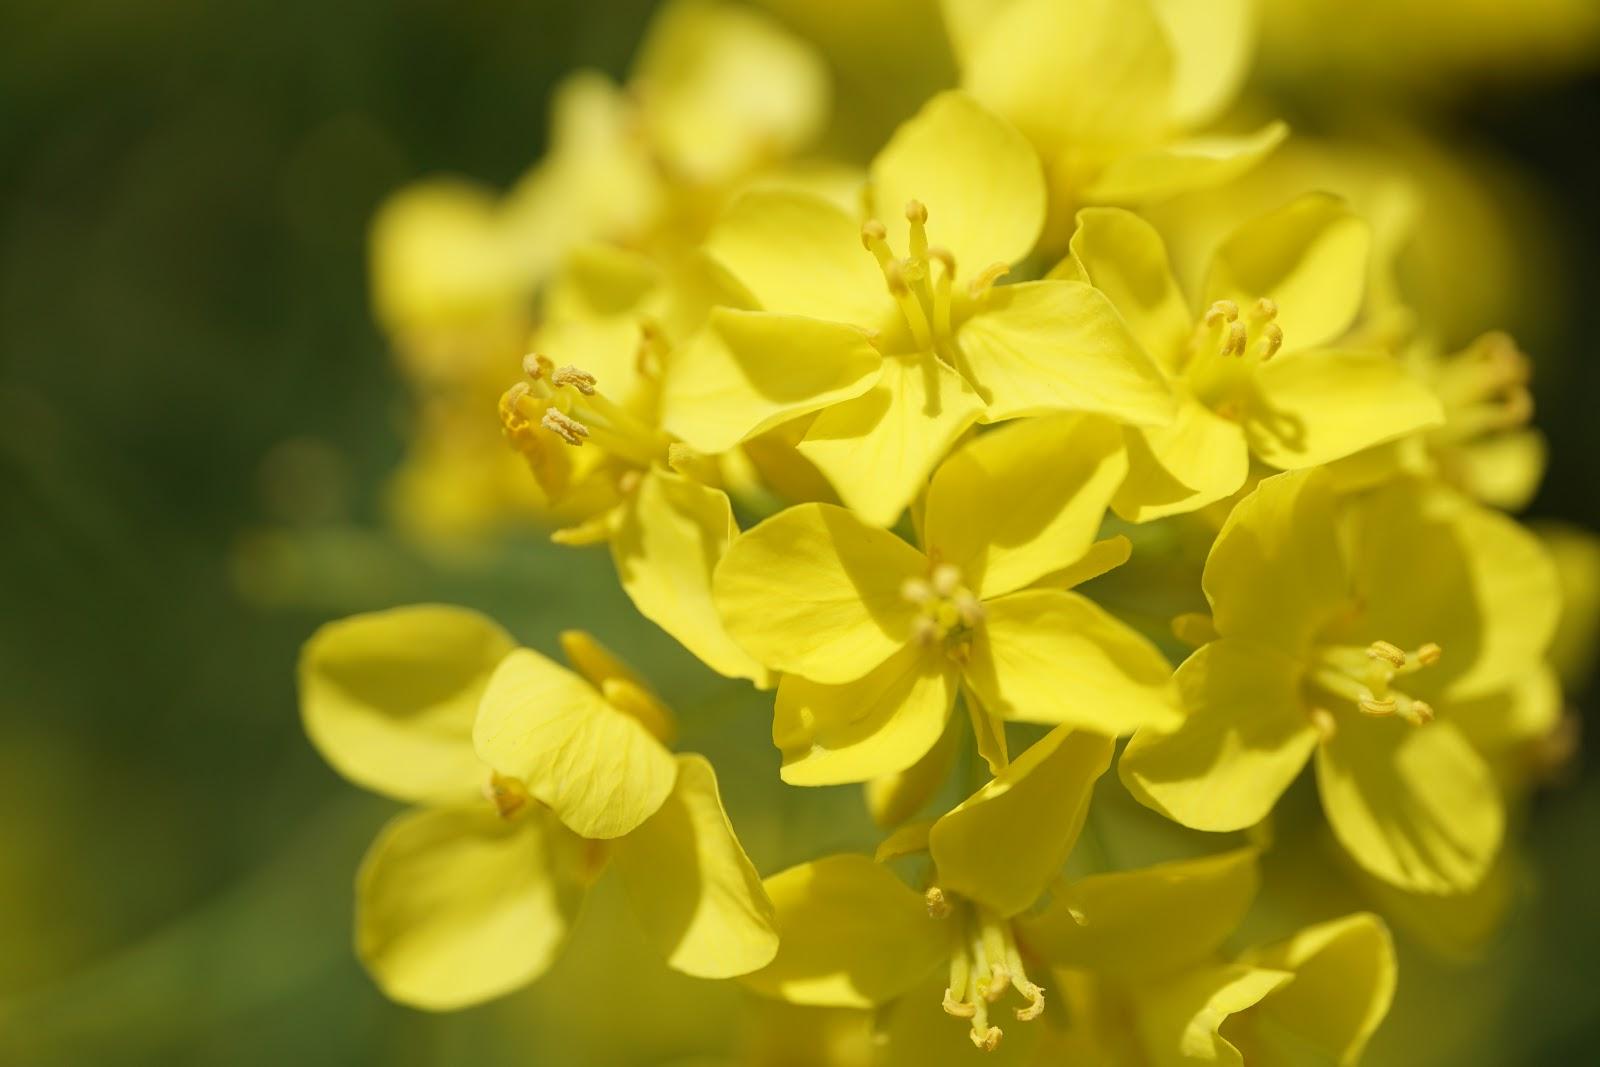 真ん丸でほわほわの菜の花